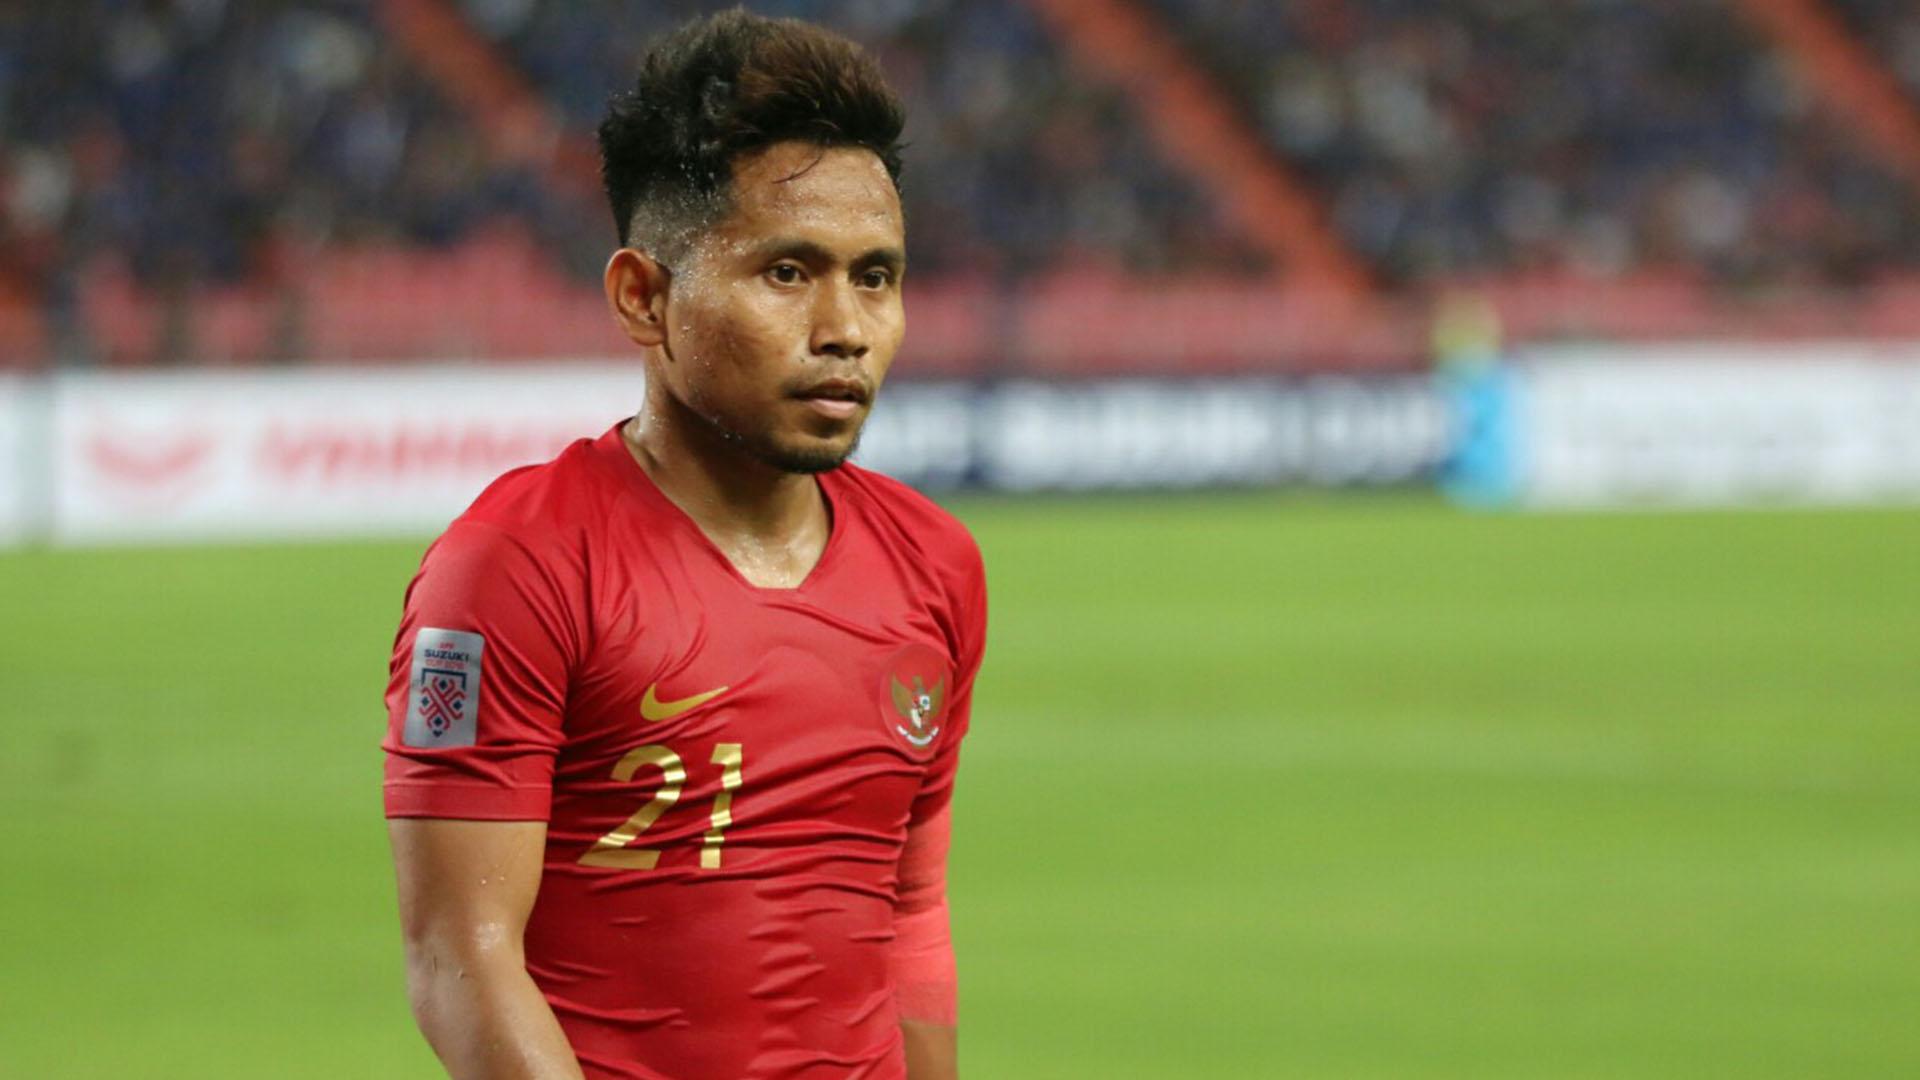 Soal Klub Baru, Andik Vermansah: Saya Ingin Balik Ke Persebaya Surabaya    Goal.com